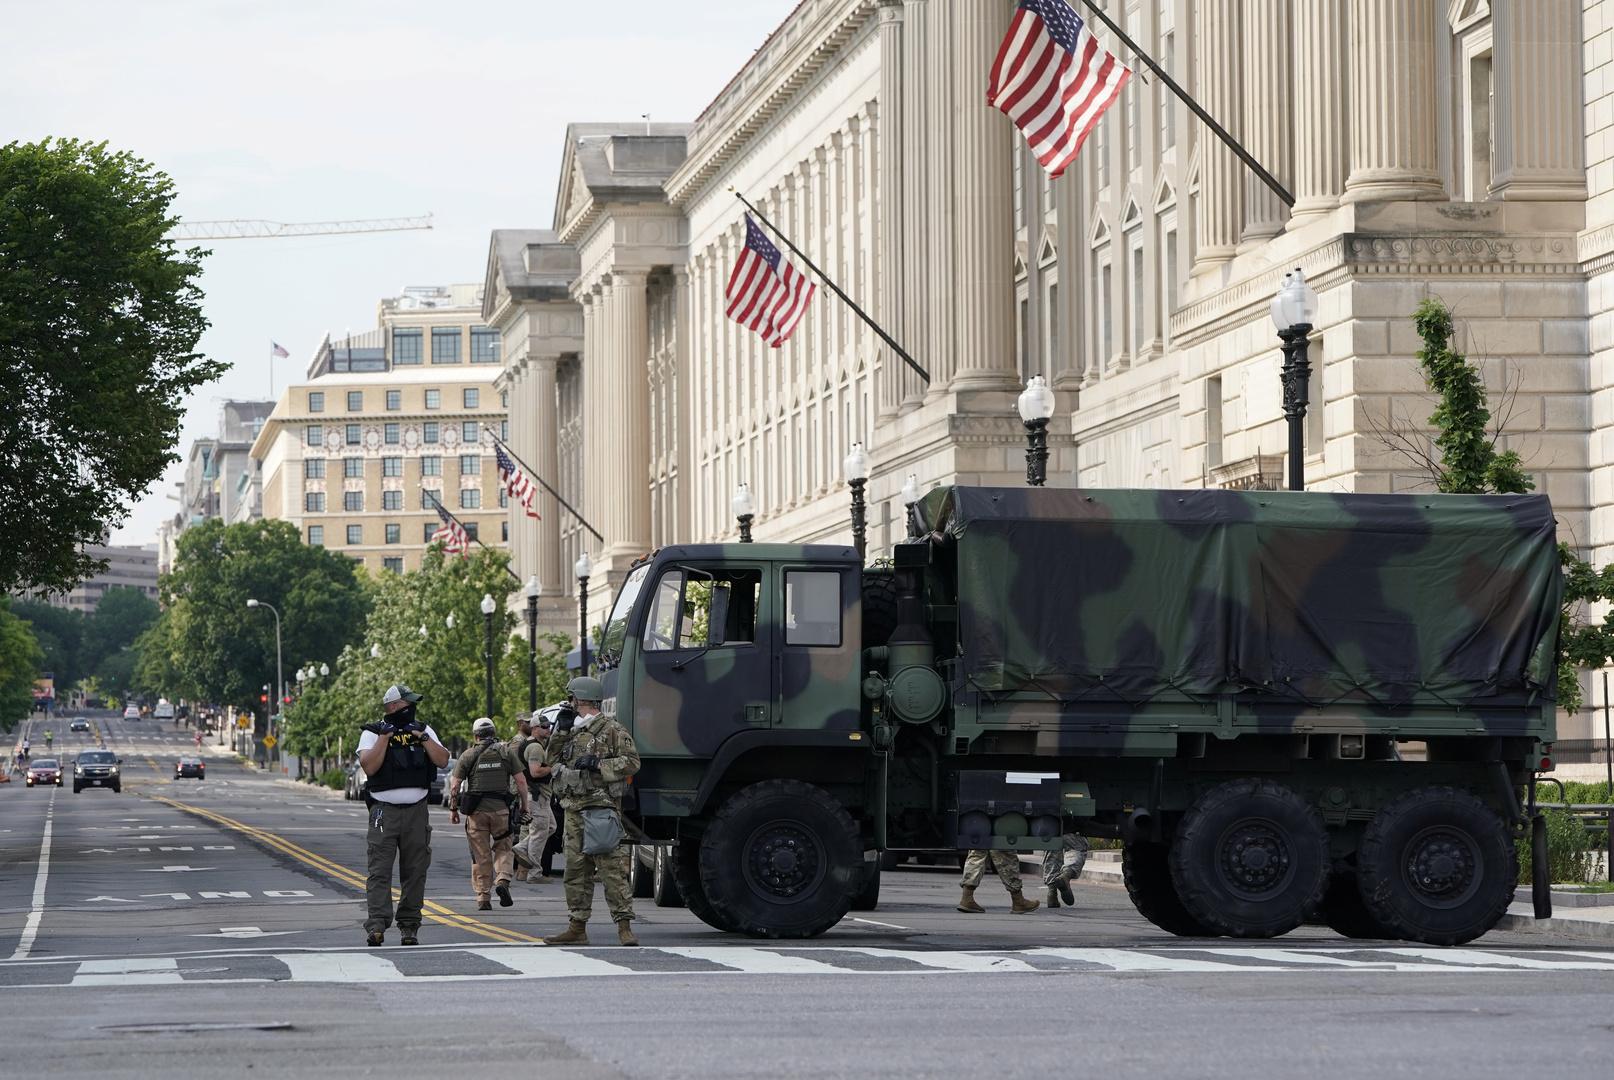 استنفار الحرس الوطني في واشنطن قبل مظاهرة مؤيدة لترامب